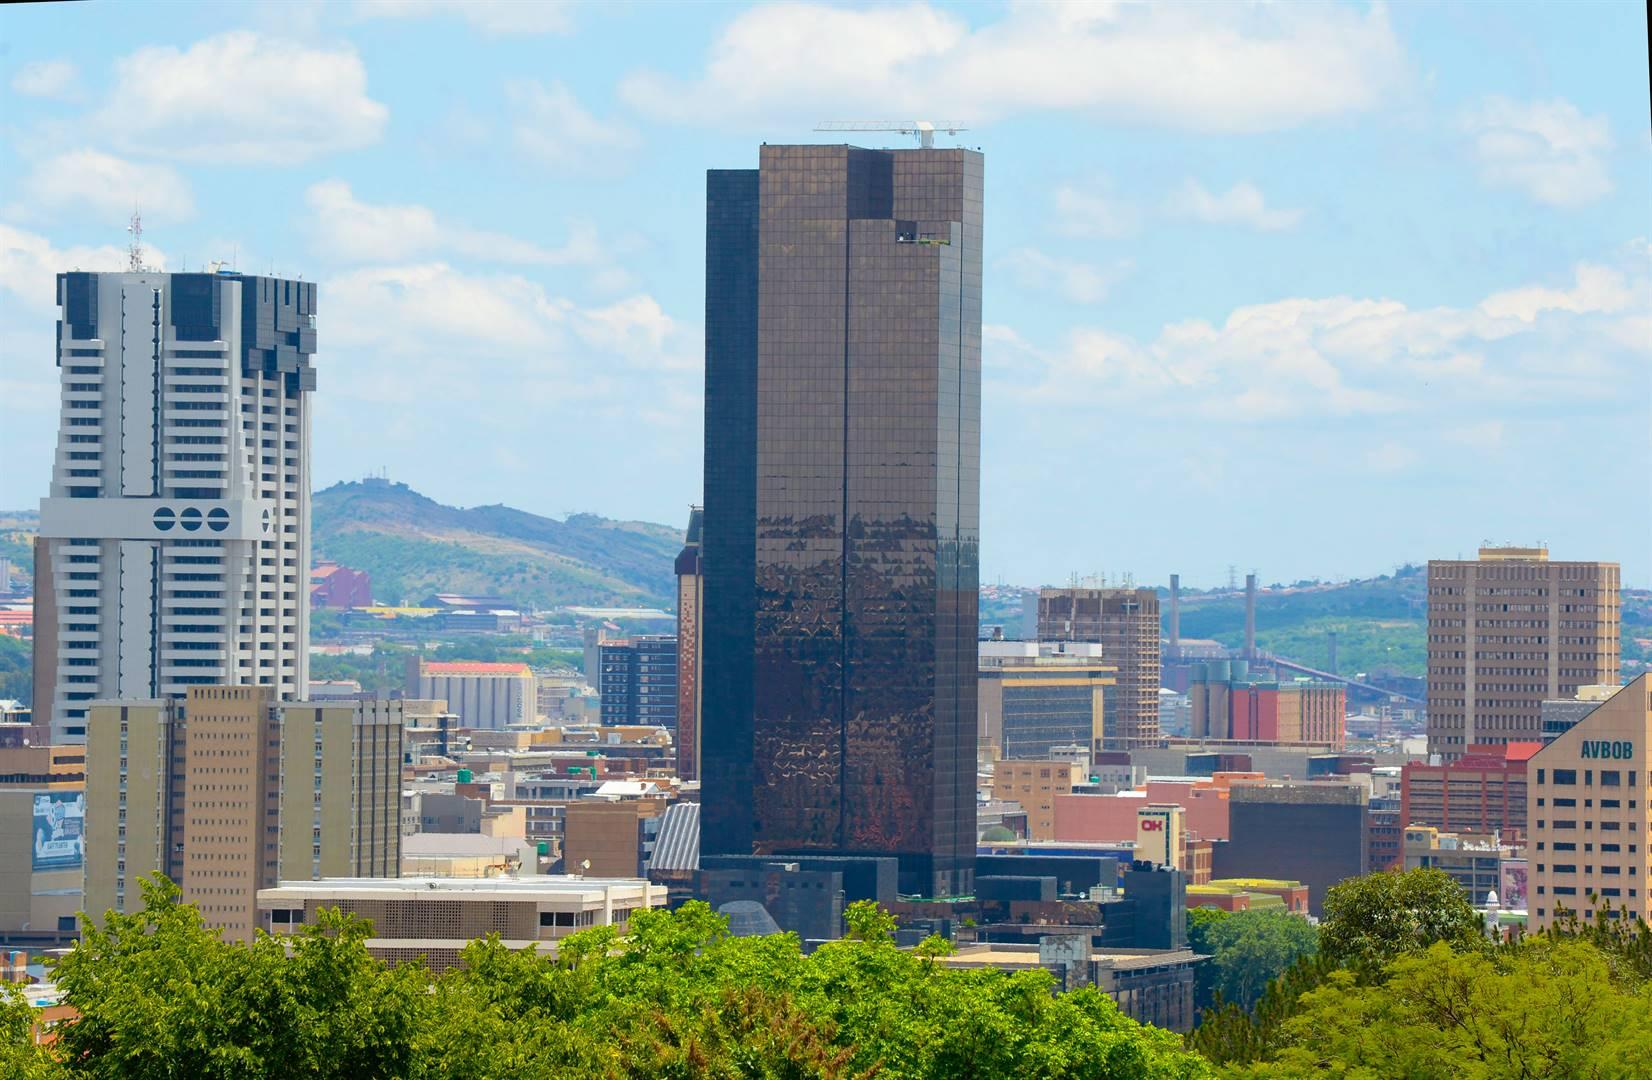 Die Reserwebank in Pretoria. Daar sal met die vele stygings in die inflasiekoers vanjaar al hoe meer druk op dié bank wees om rentekoerse weer te begin opstoot. Foto: Gallo Images